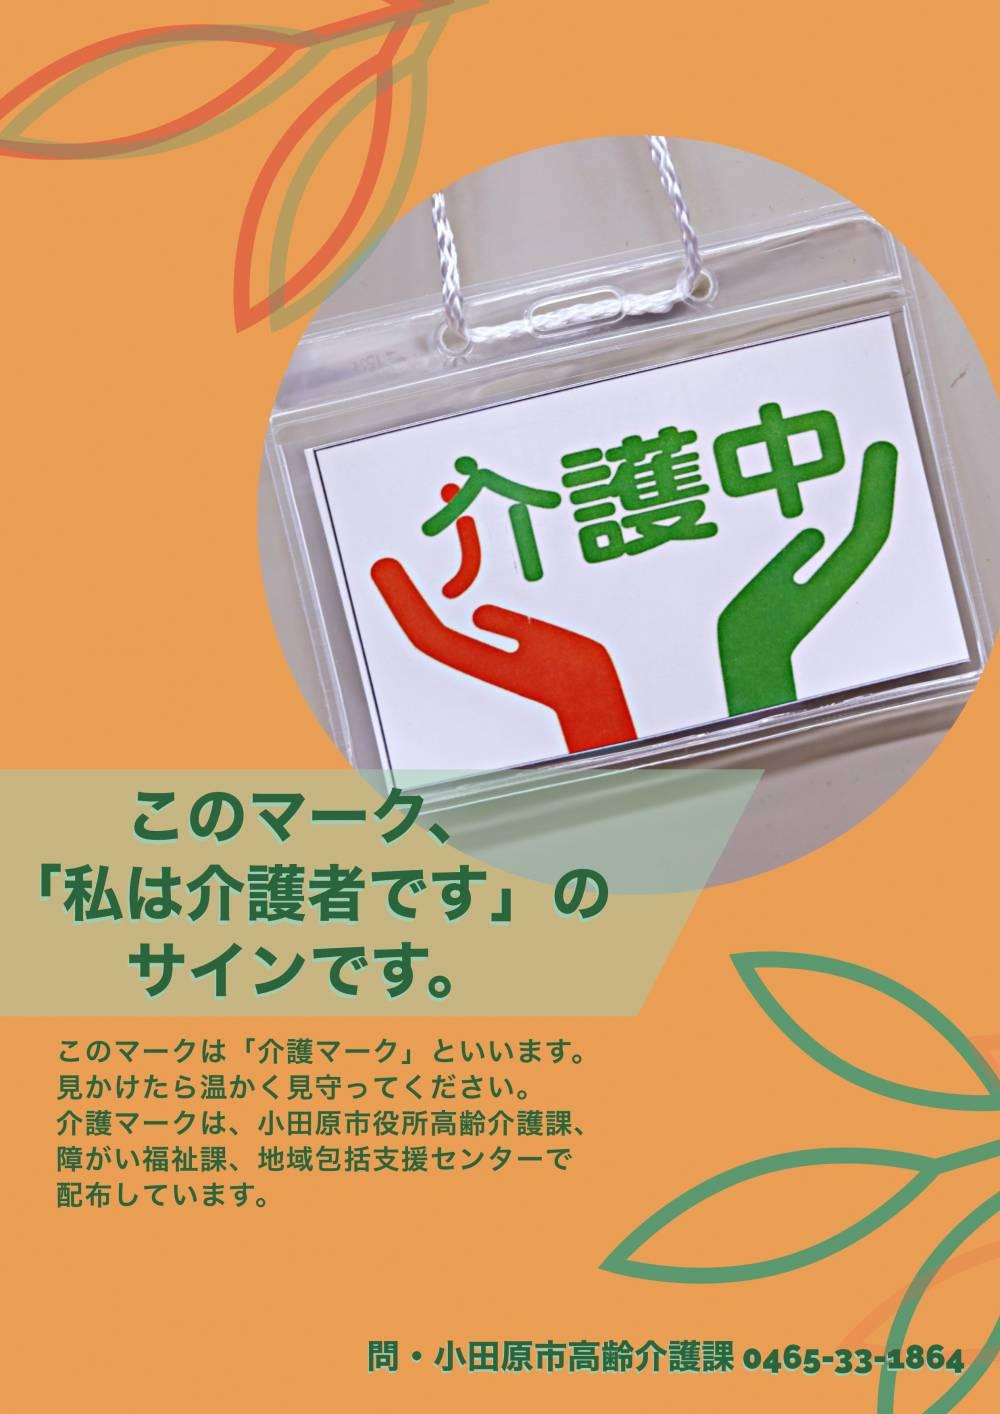 介護マークのチラシ(オレンジと緑を基調にしたオーソドックスなデザイン)